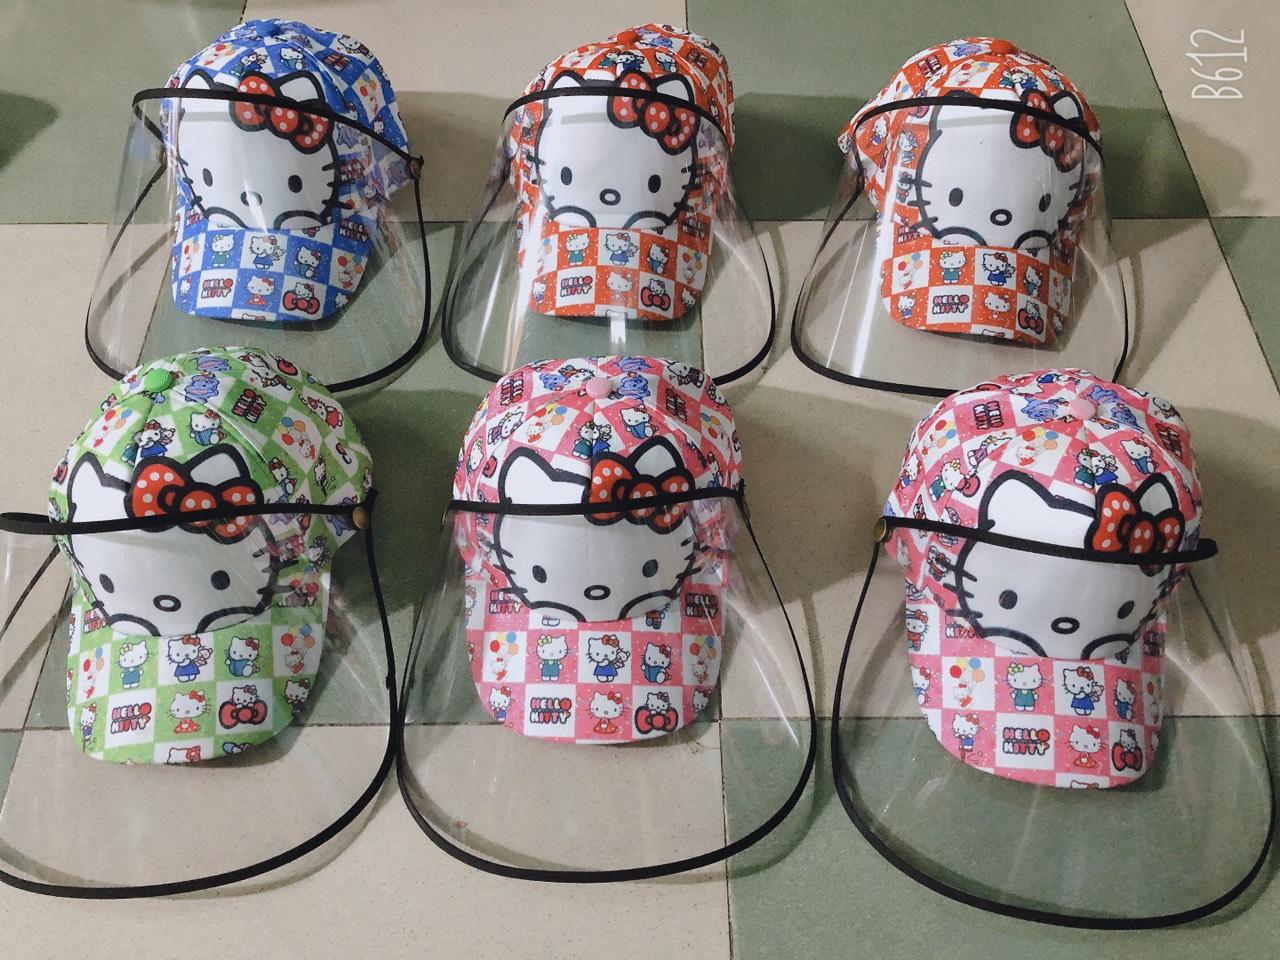 Mũ có màng chắn chống dịch chủ đề hello kitty dễ thường dành cho trẻ em